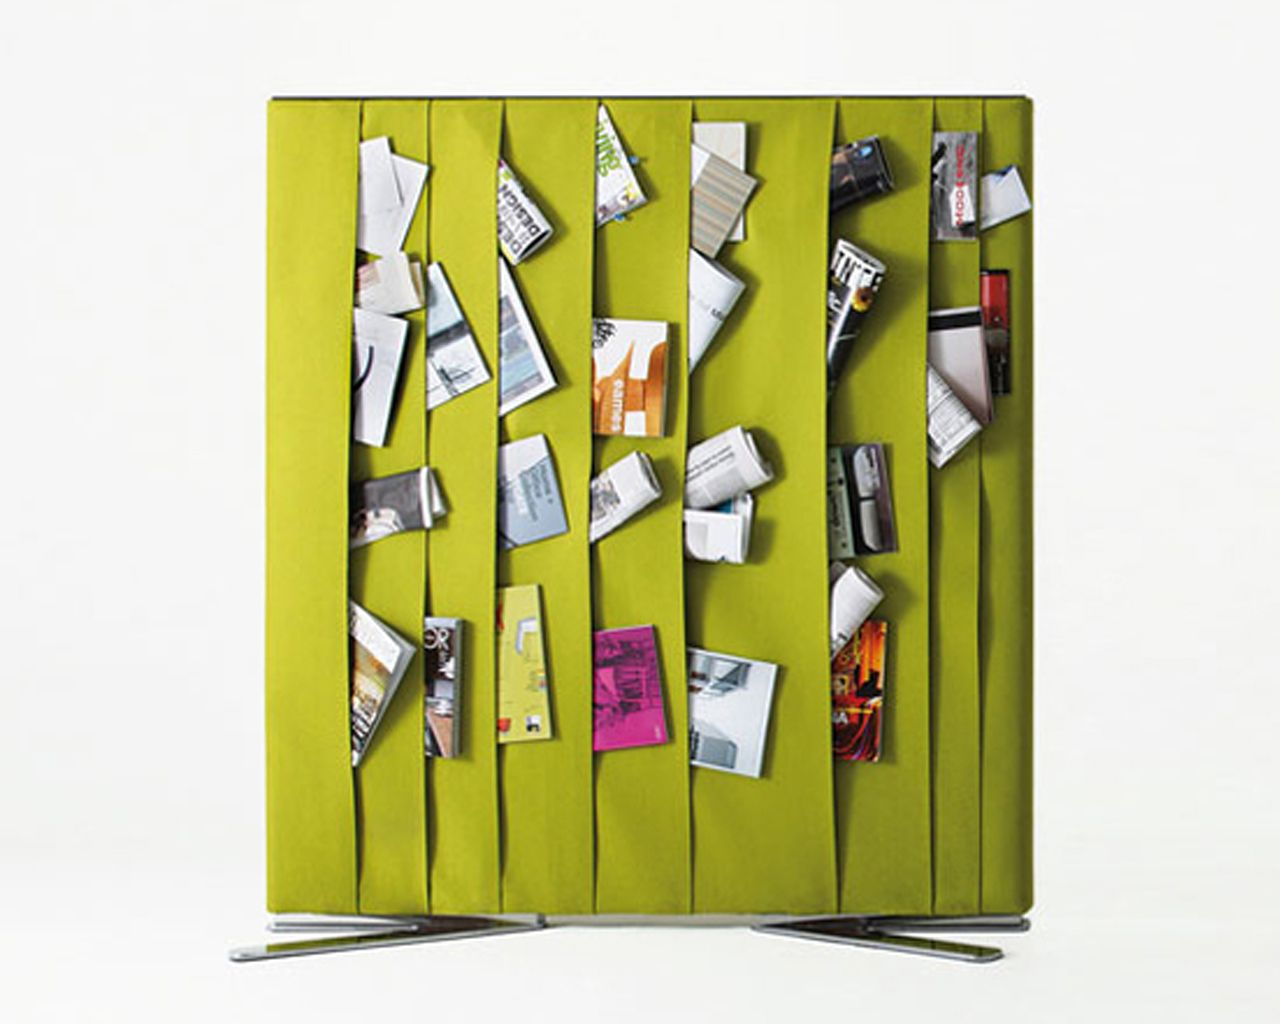 Simple-Room-Divider-2013   one+1 flat   Pinterest   Divider, Storage ...